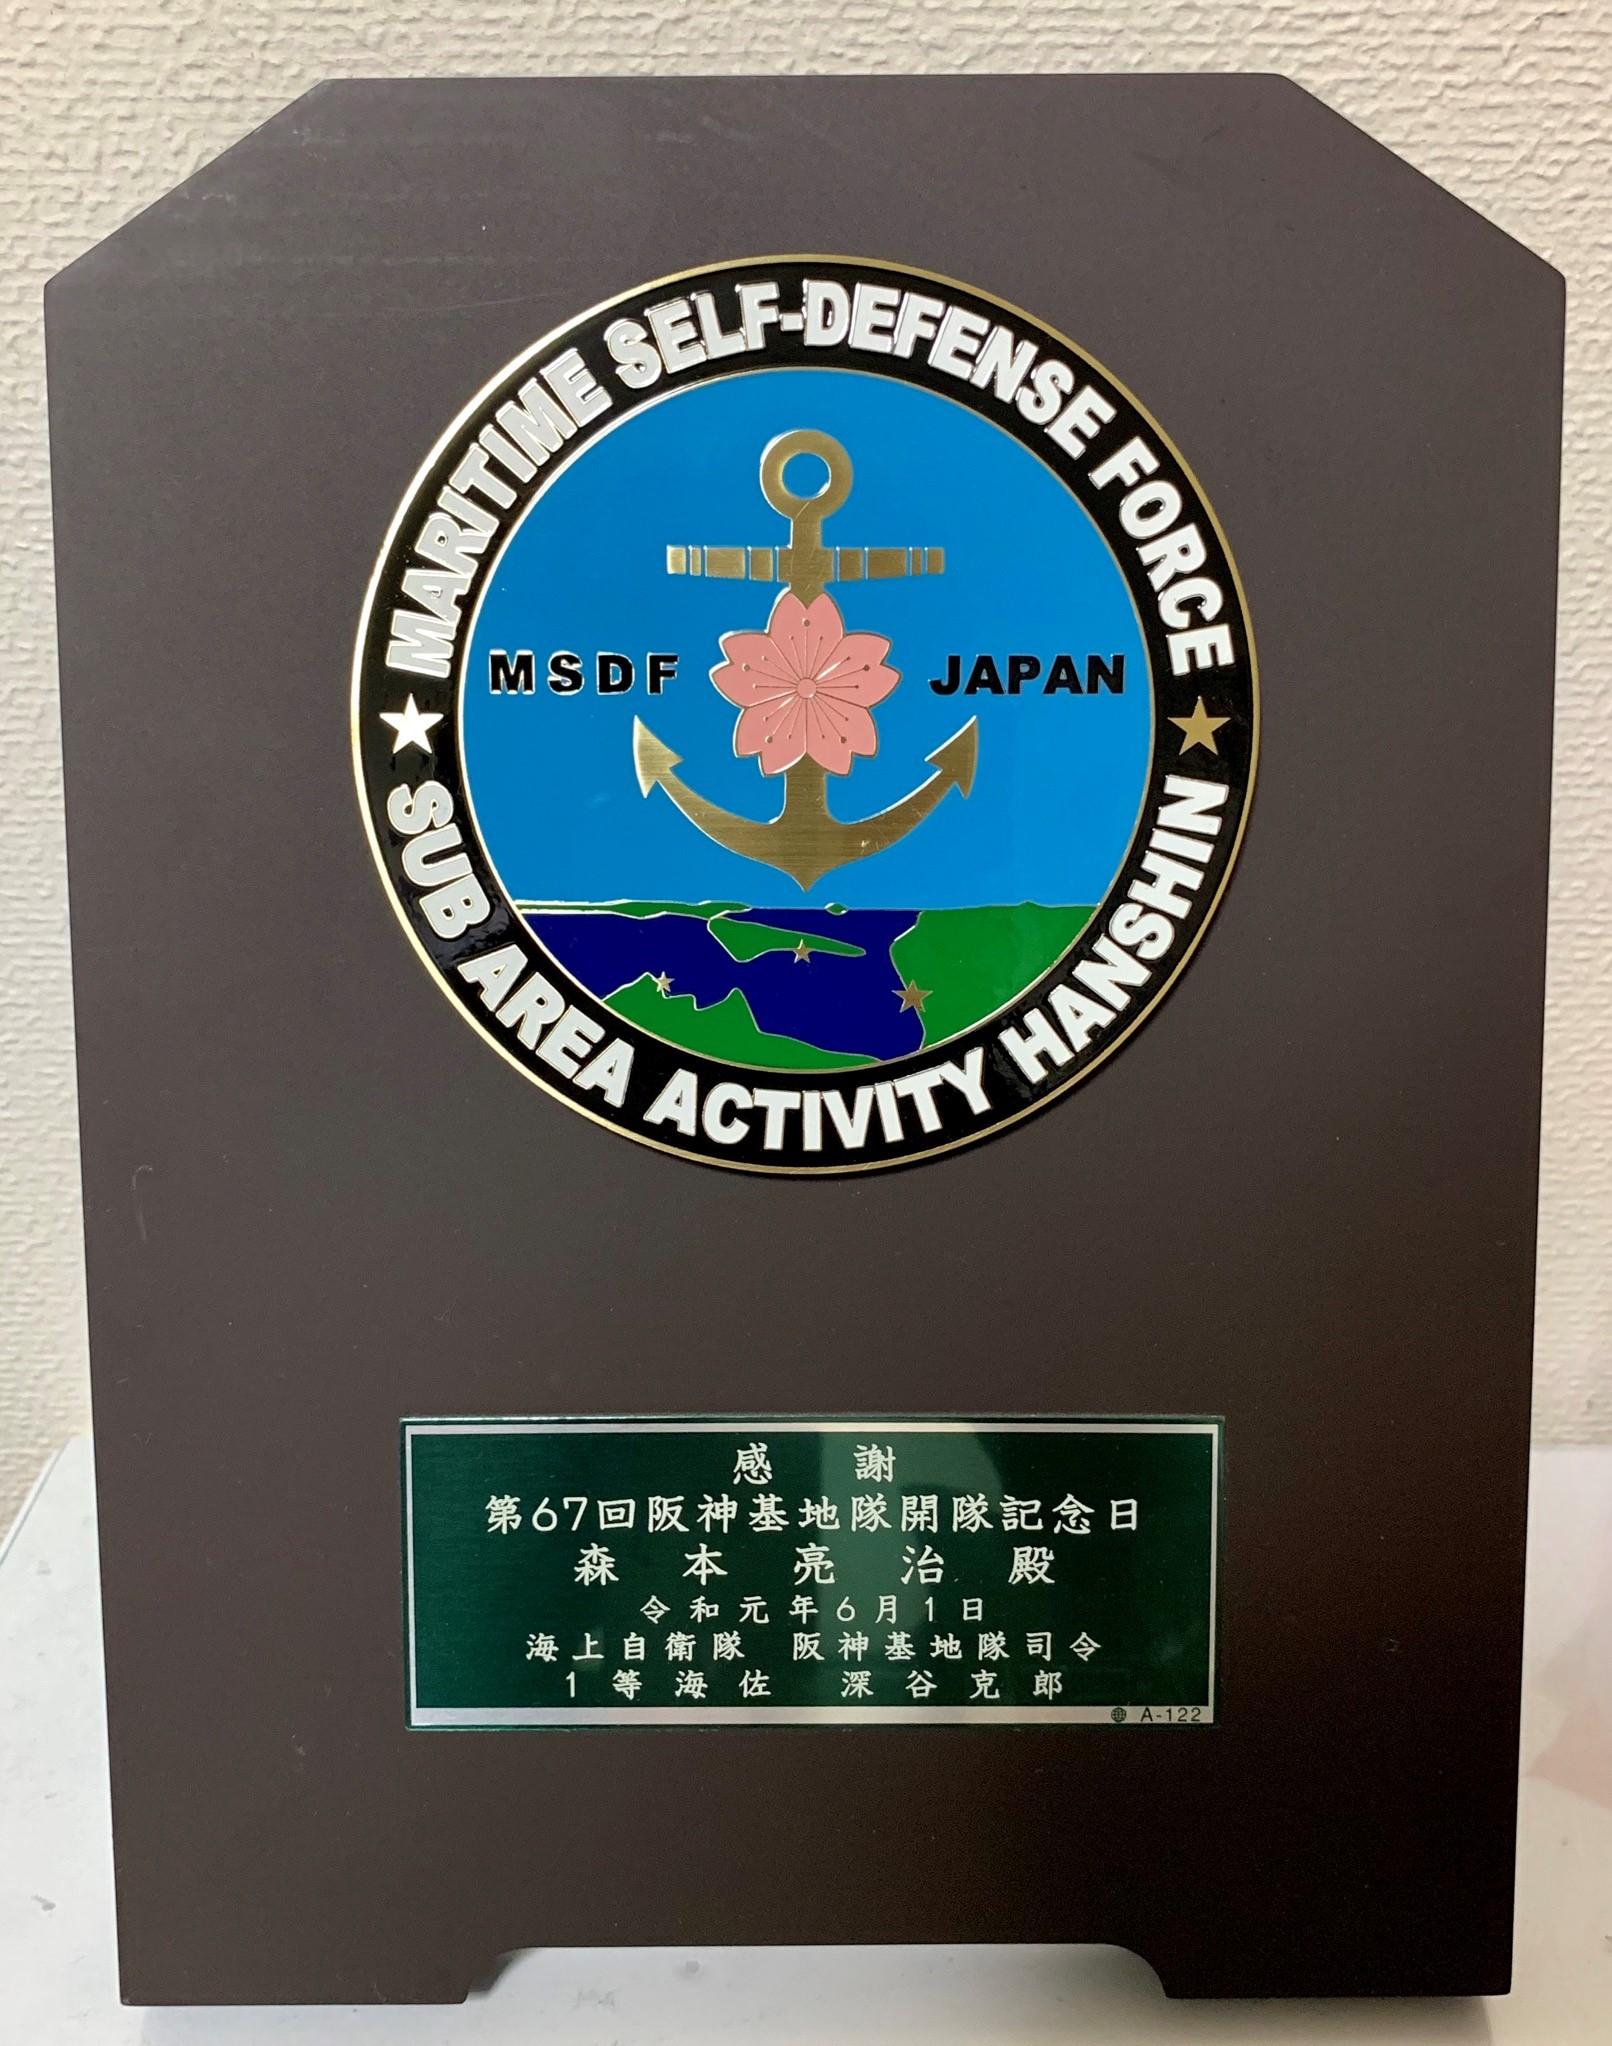 海上自衛隊 阪神基地隊から感謝状をいただきました。2